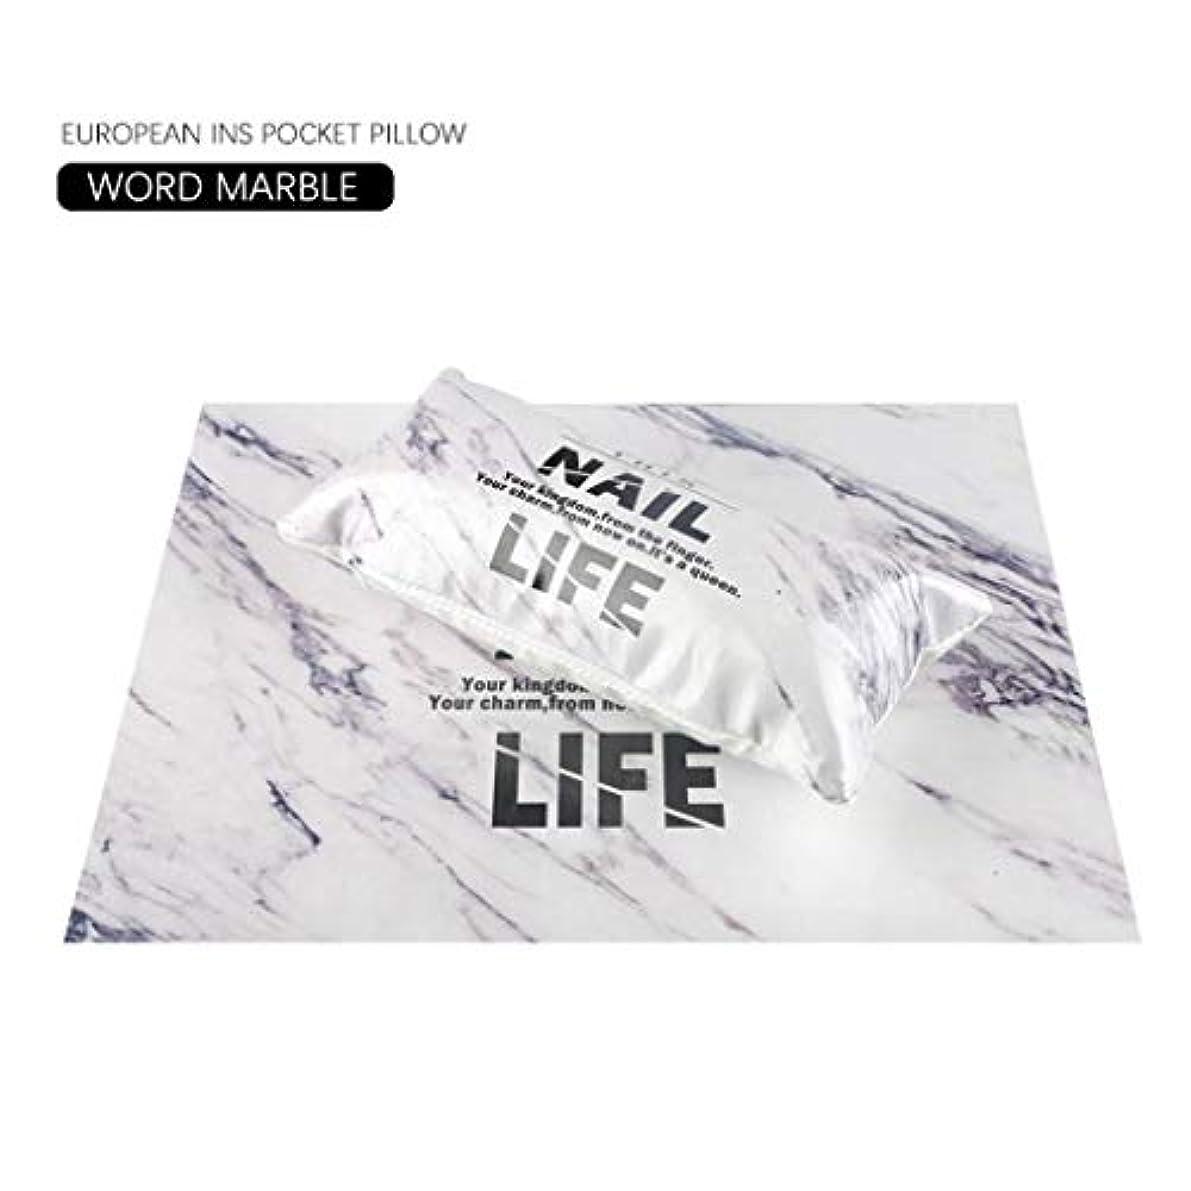 意志が欲しいナビゲーション欧州INS風マニキュアハンド枕ネイルセット手首枕スポンジ (大理石)